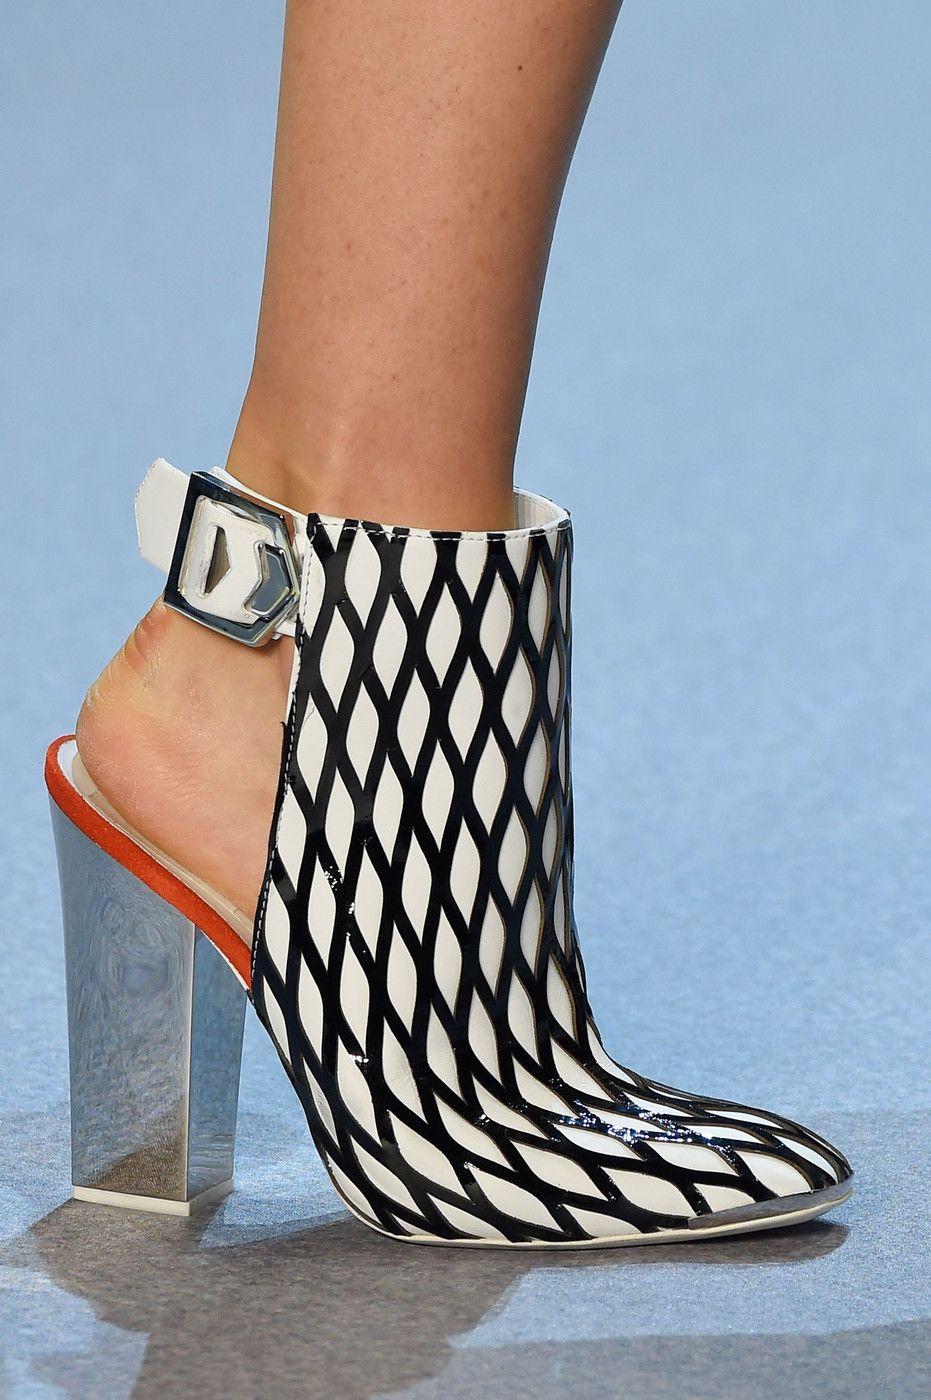 Thierry Mugler At Paris Fashion Week Spring 2016 Mugler Heels Runway Shoes